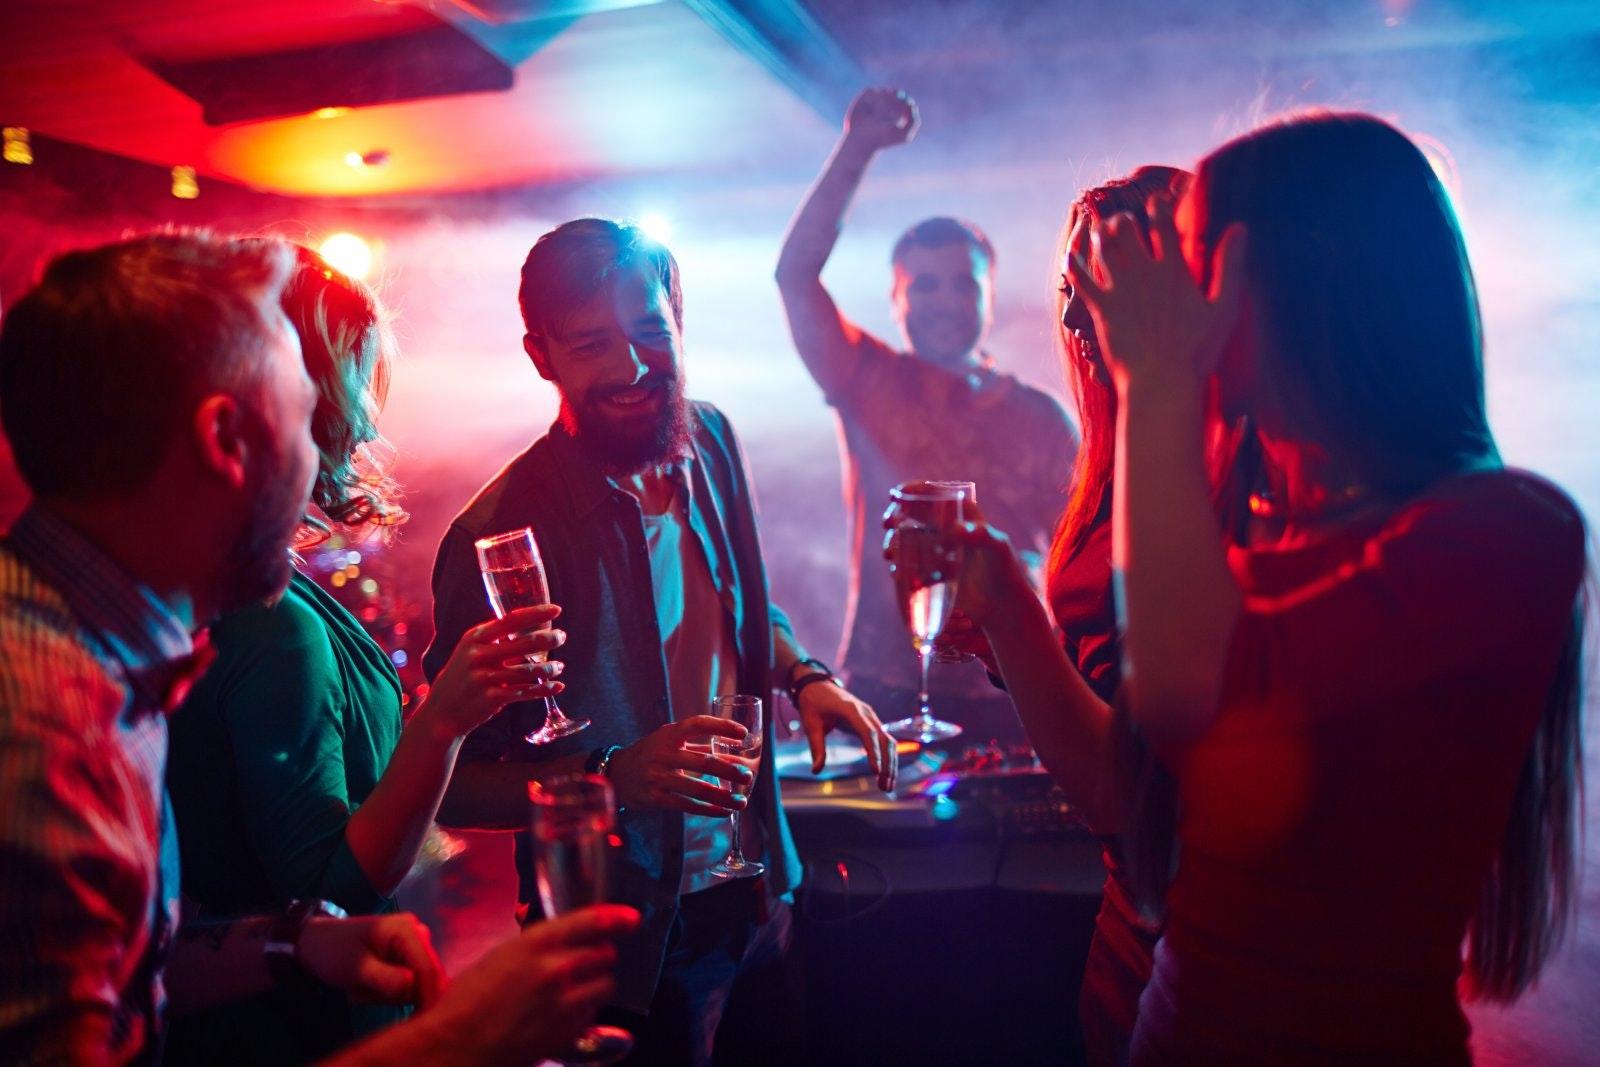 dance-party-dj-4